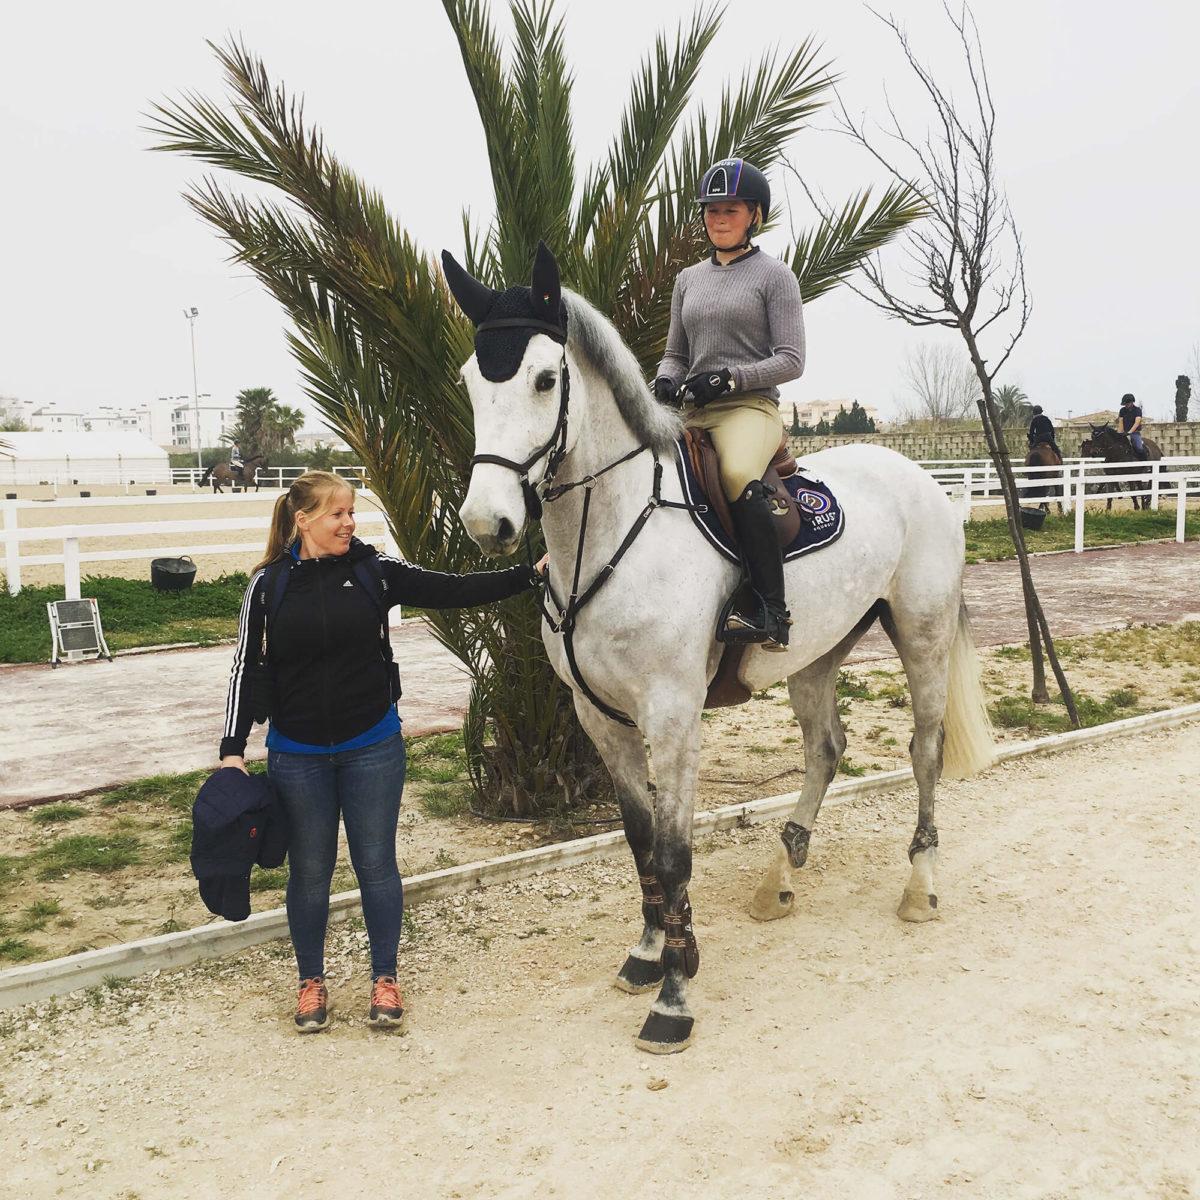 En person på en häst och till person fångas på bild framför en palm